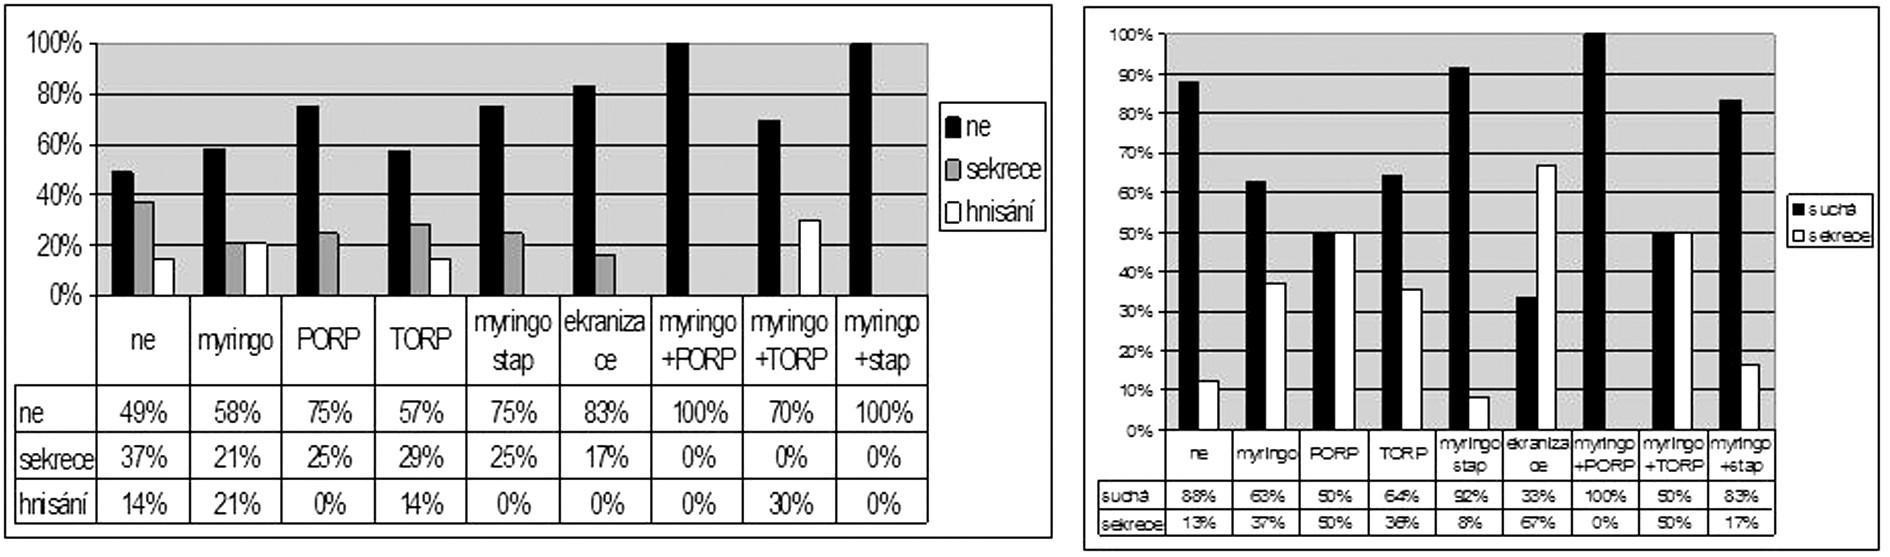 Časné hojení a stav ucha (trepanační dutiny) v dlouhodobém sledování podle typu tympanoplastiky.